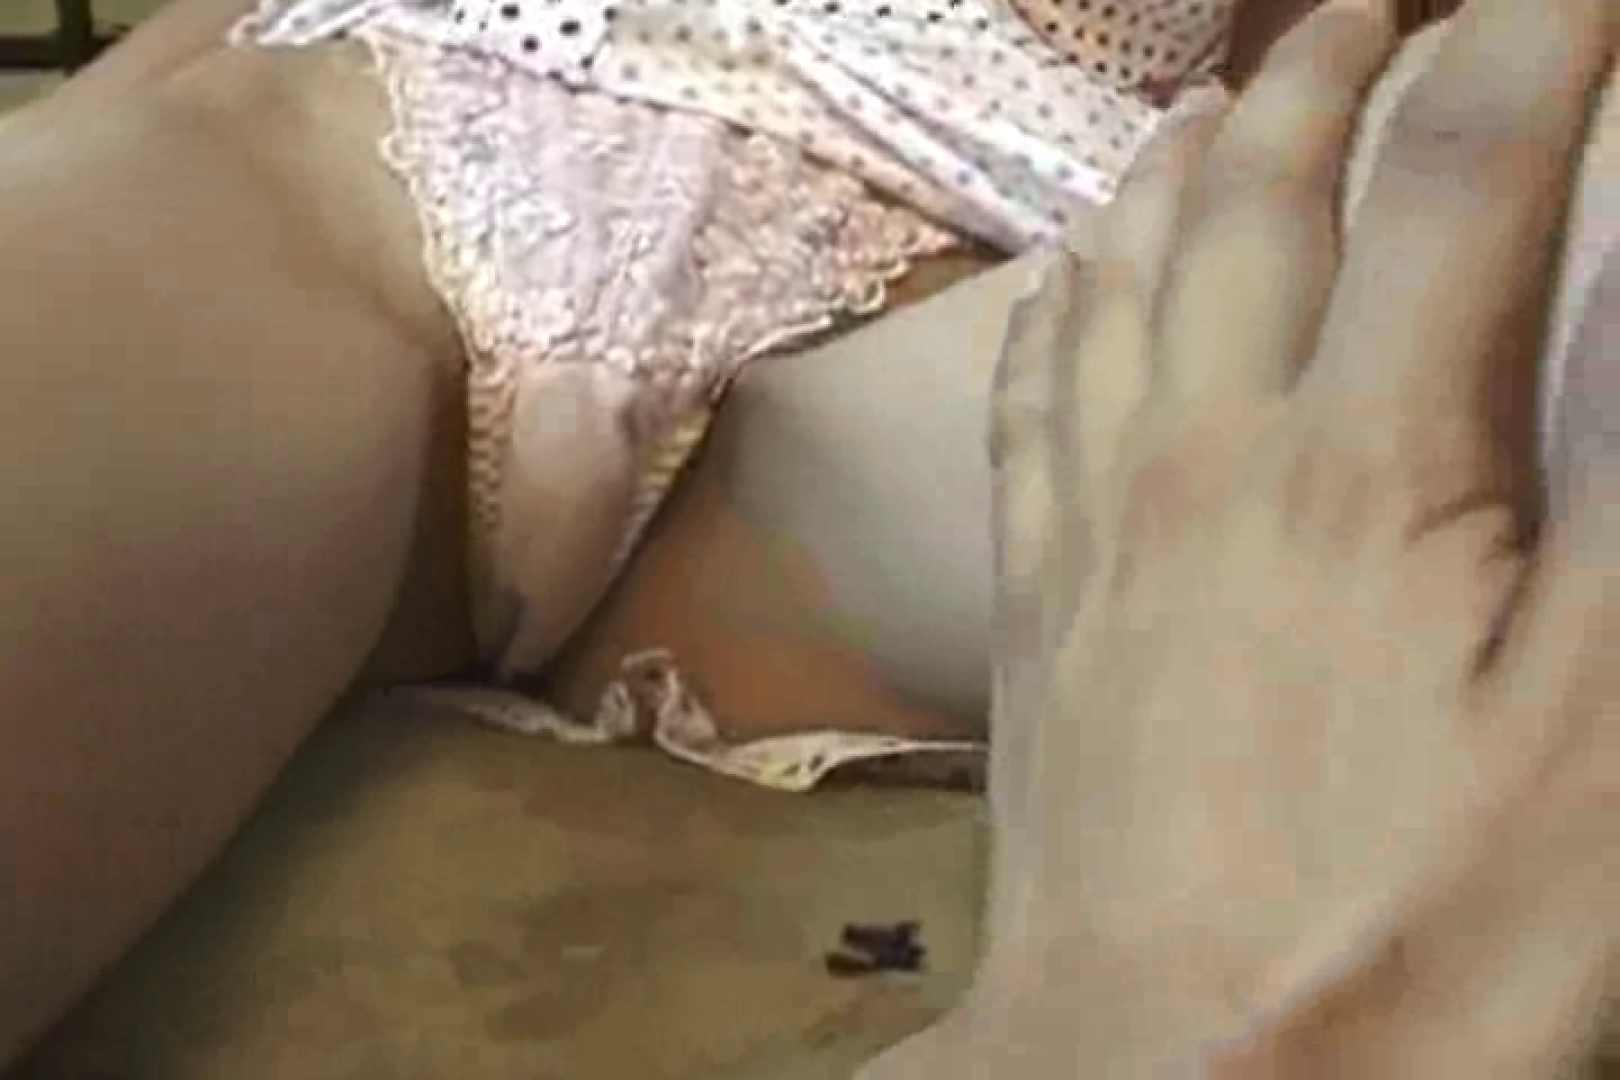 仁義なきキンタマ 伊藤孝一のアルバム カップル  83pic 54